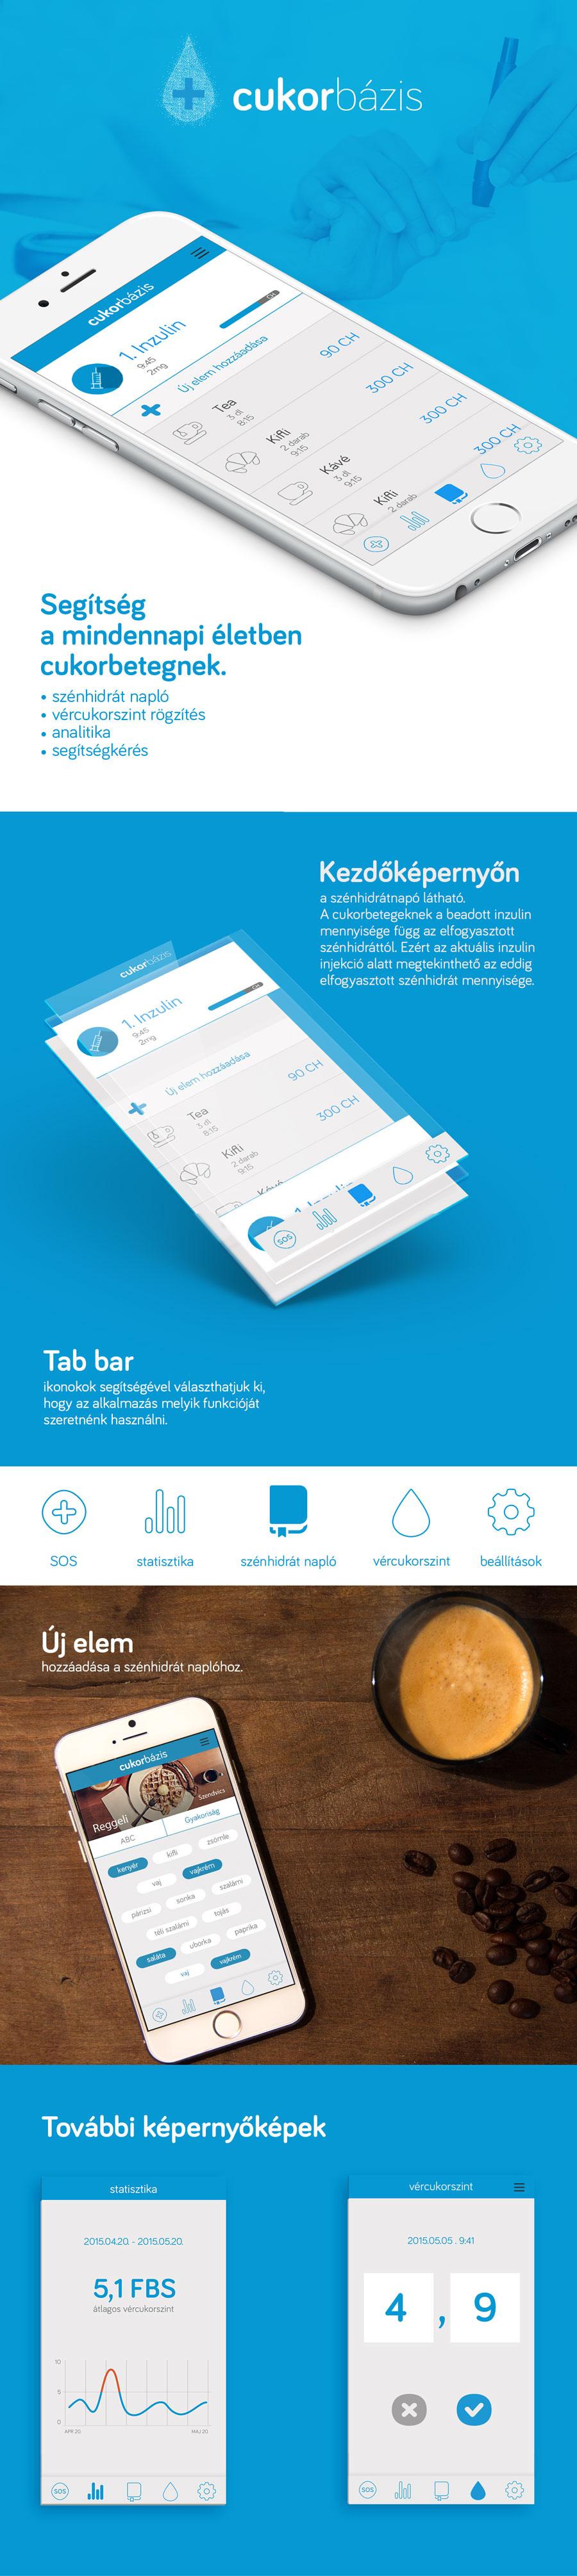 Mobil alkalmazás tervezés - CukorBázis